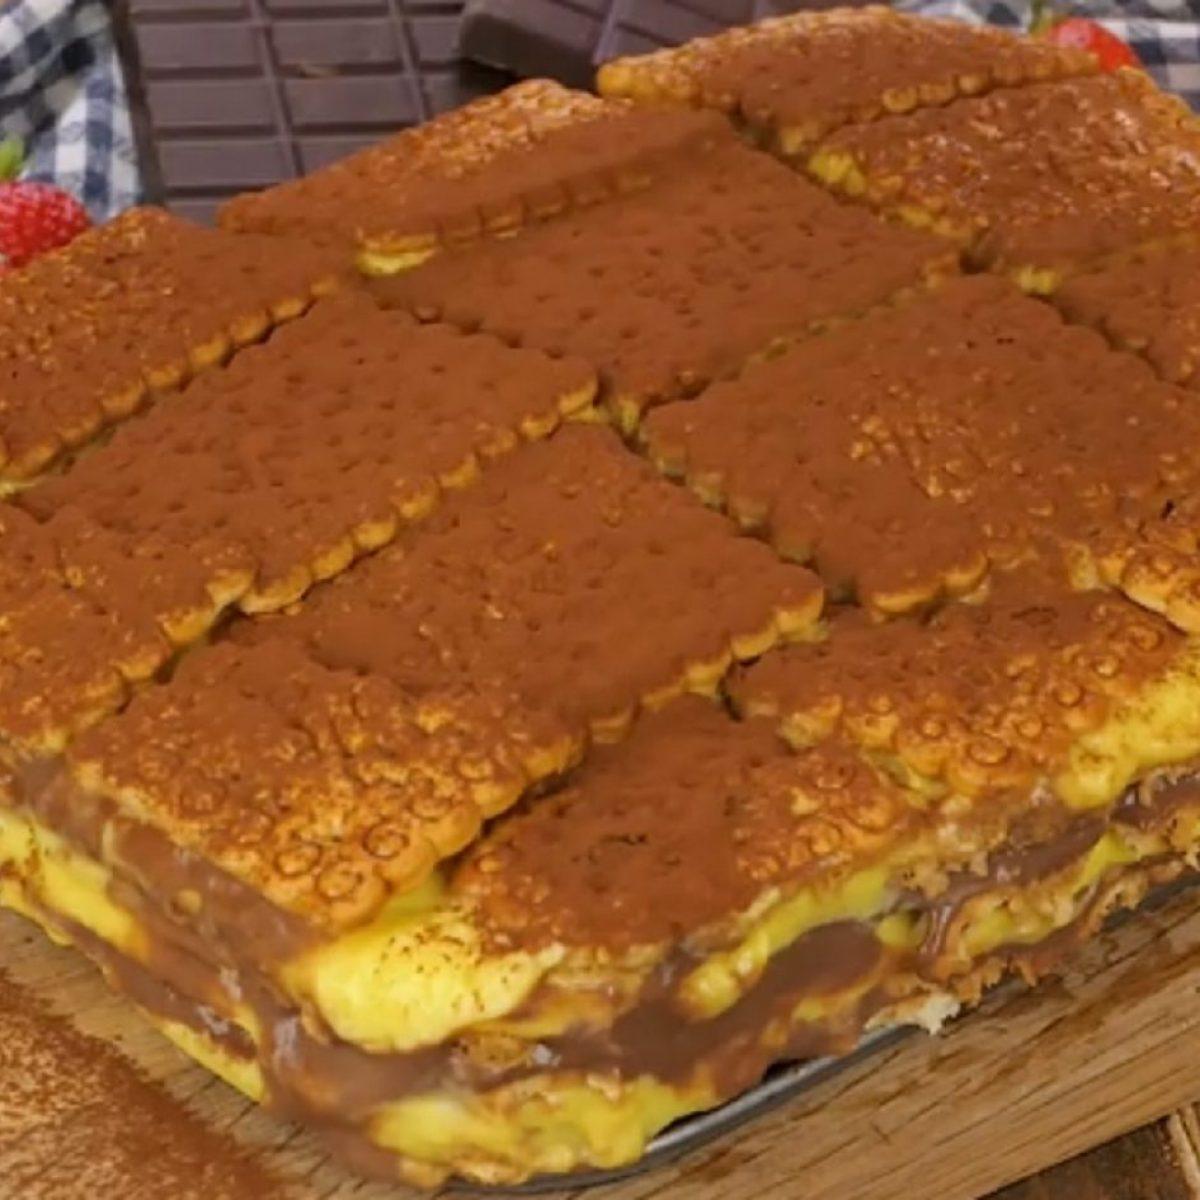 Ricetta Zuppa Inglese Fatto In Casa Da Benedetta.Zuppa Inglese Con I Biscotti La Ricetta Con Budino E Biscotti Secchi